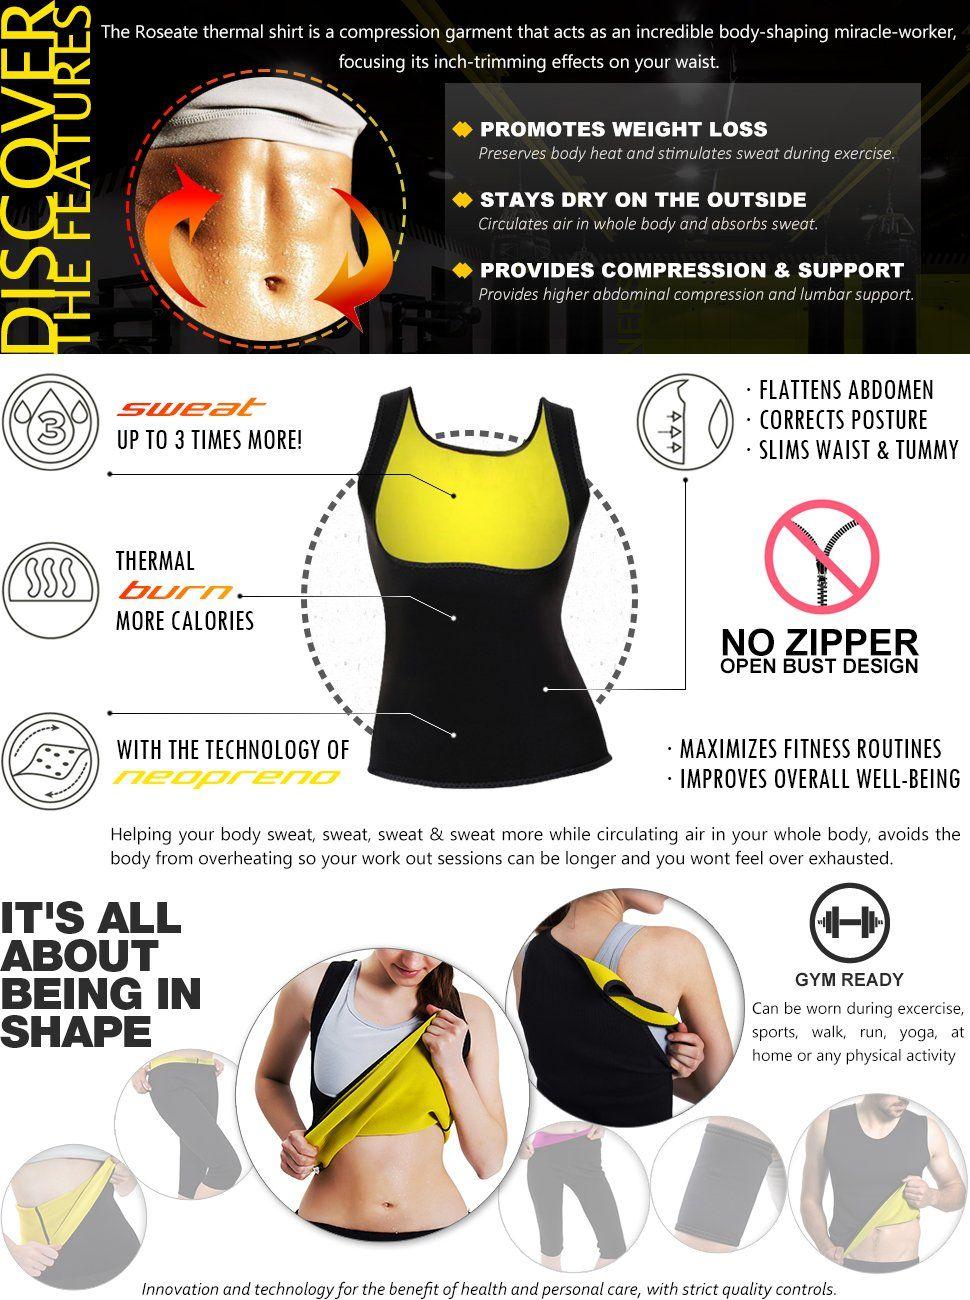 6f39688b261a4 Roseate Women s Body Shaper Hot Sweat Workout Tank Top Slimming Vest Tummy  Fat Burner Neoprene Shapewear for Weight Loss